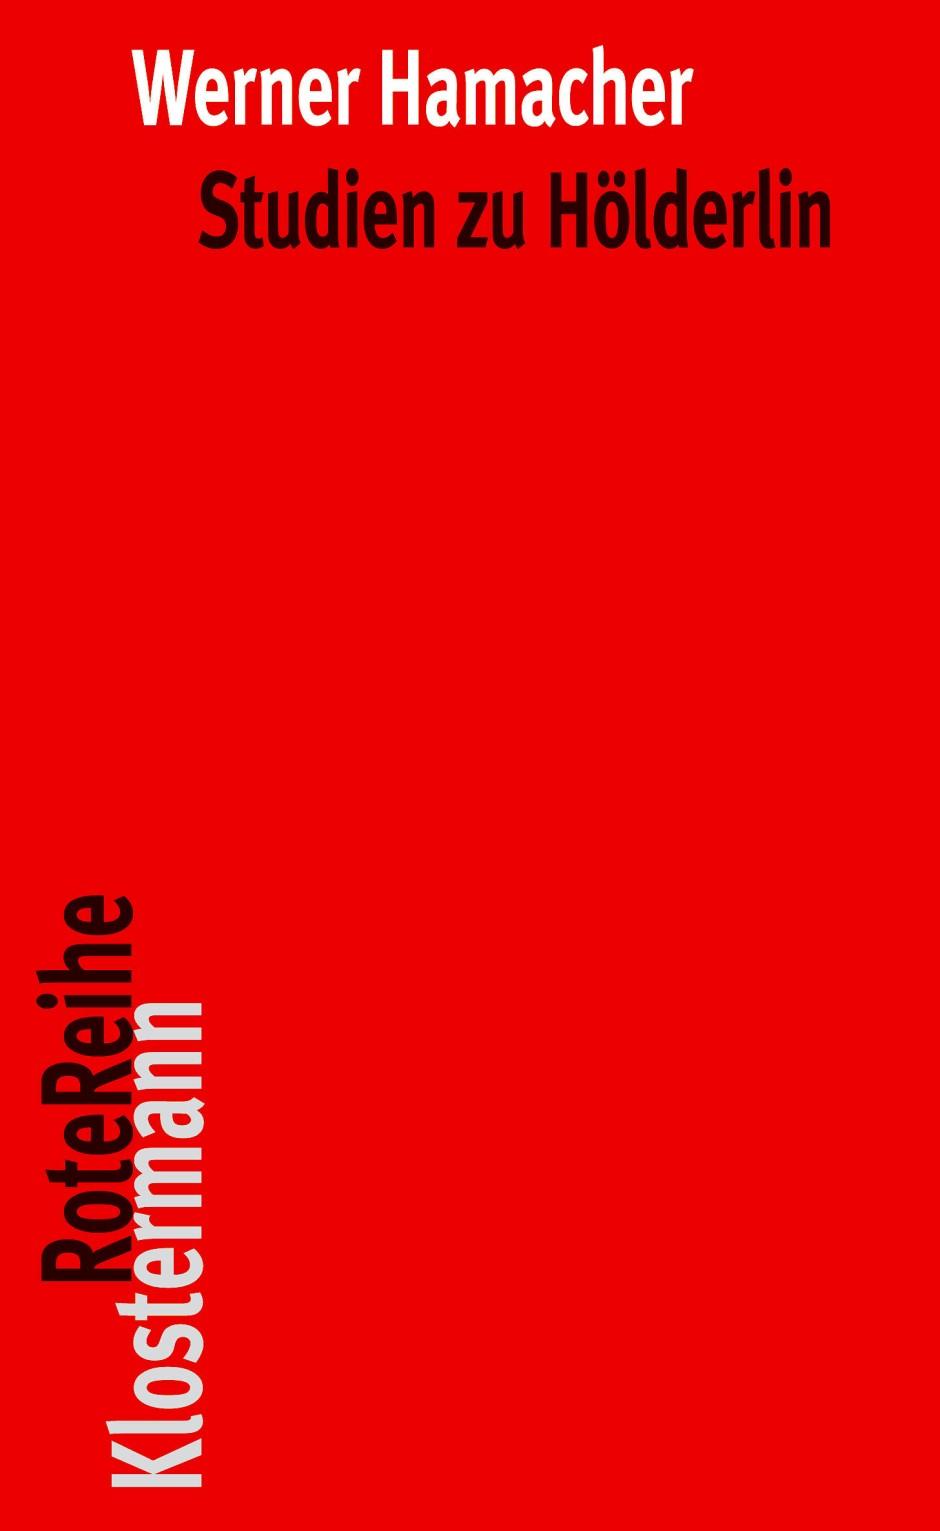 Werner Hamacher, Studien zu Hölderlin